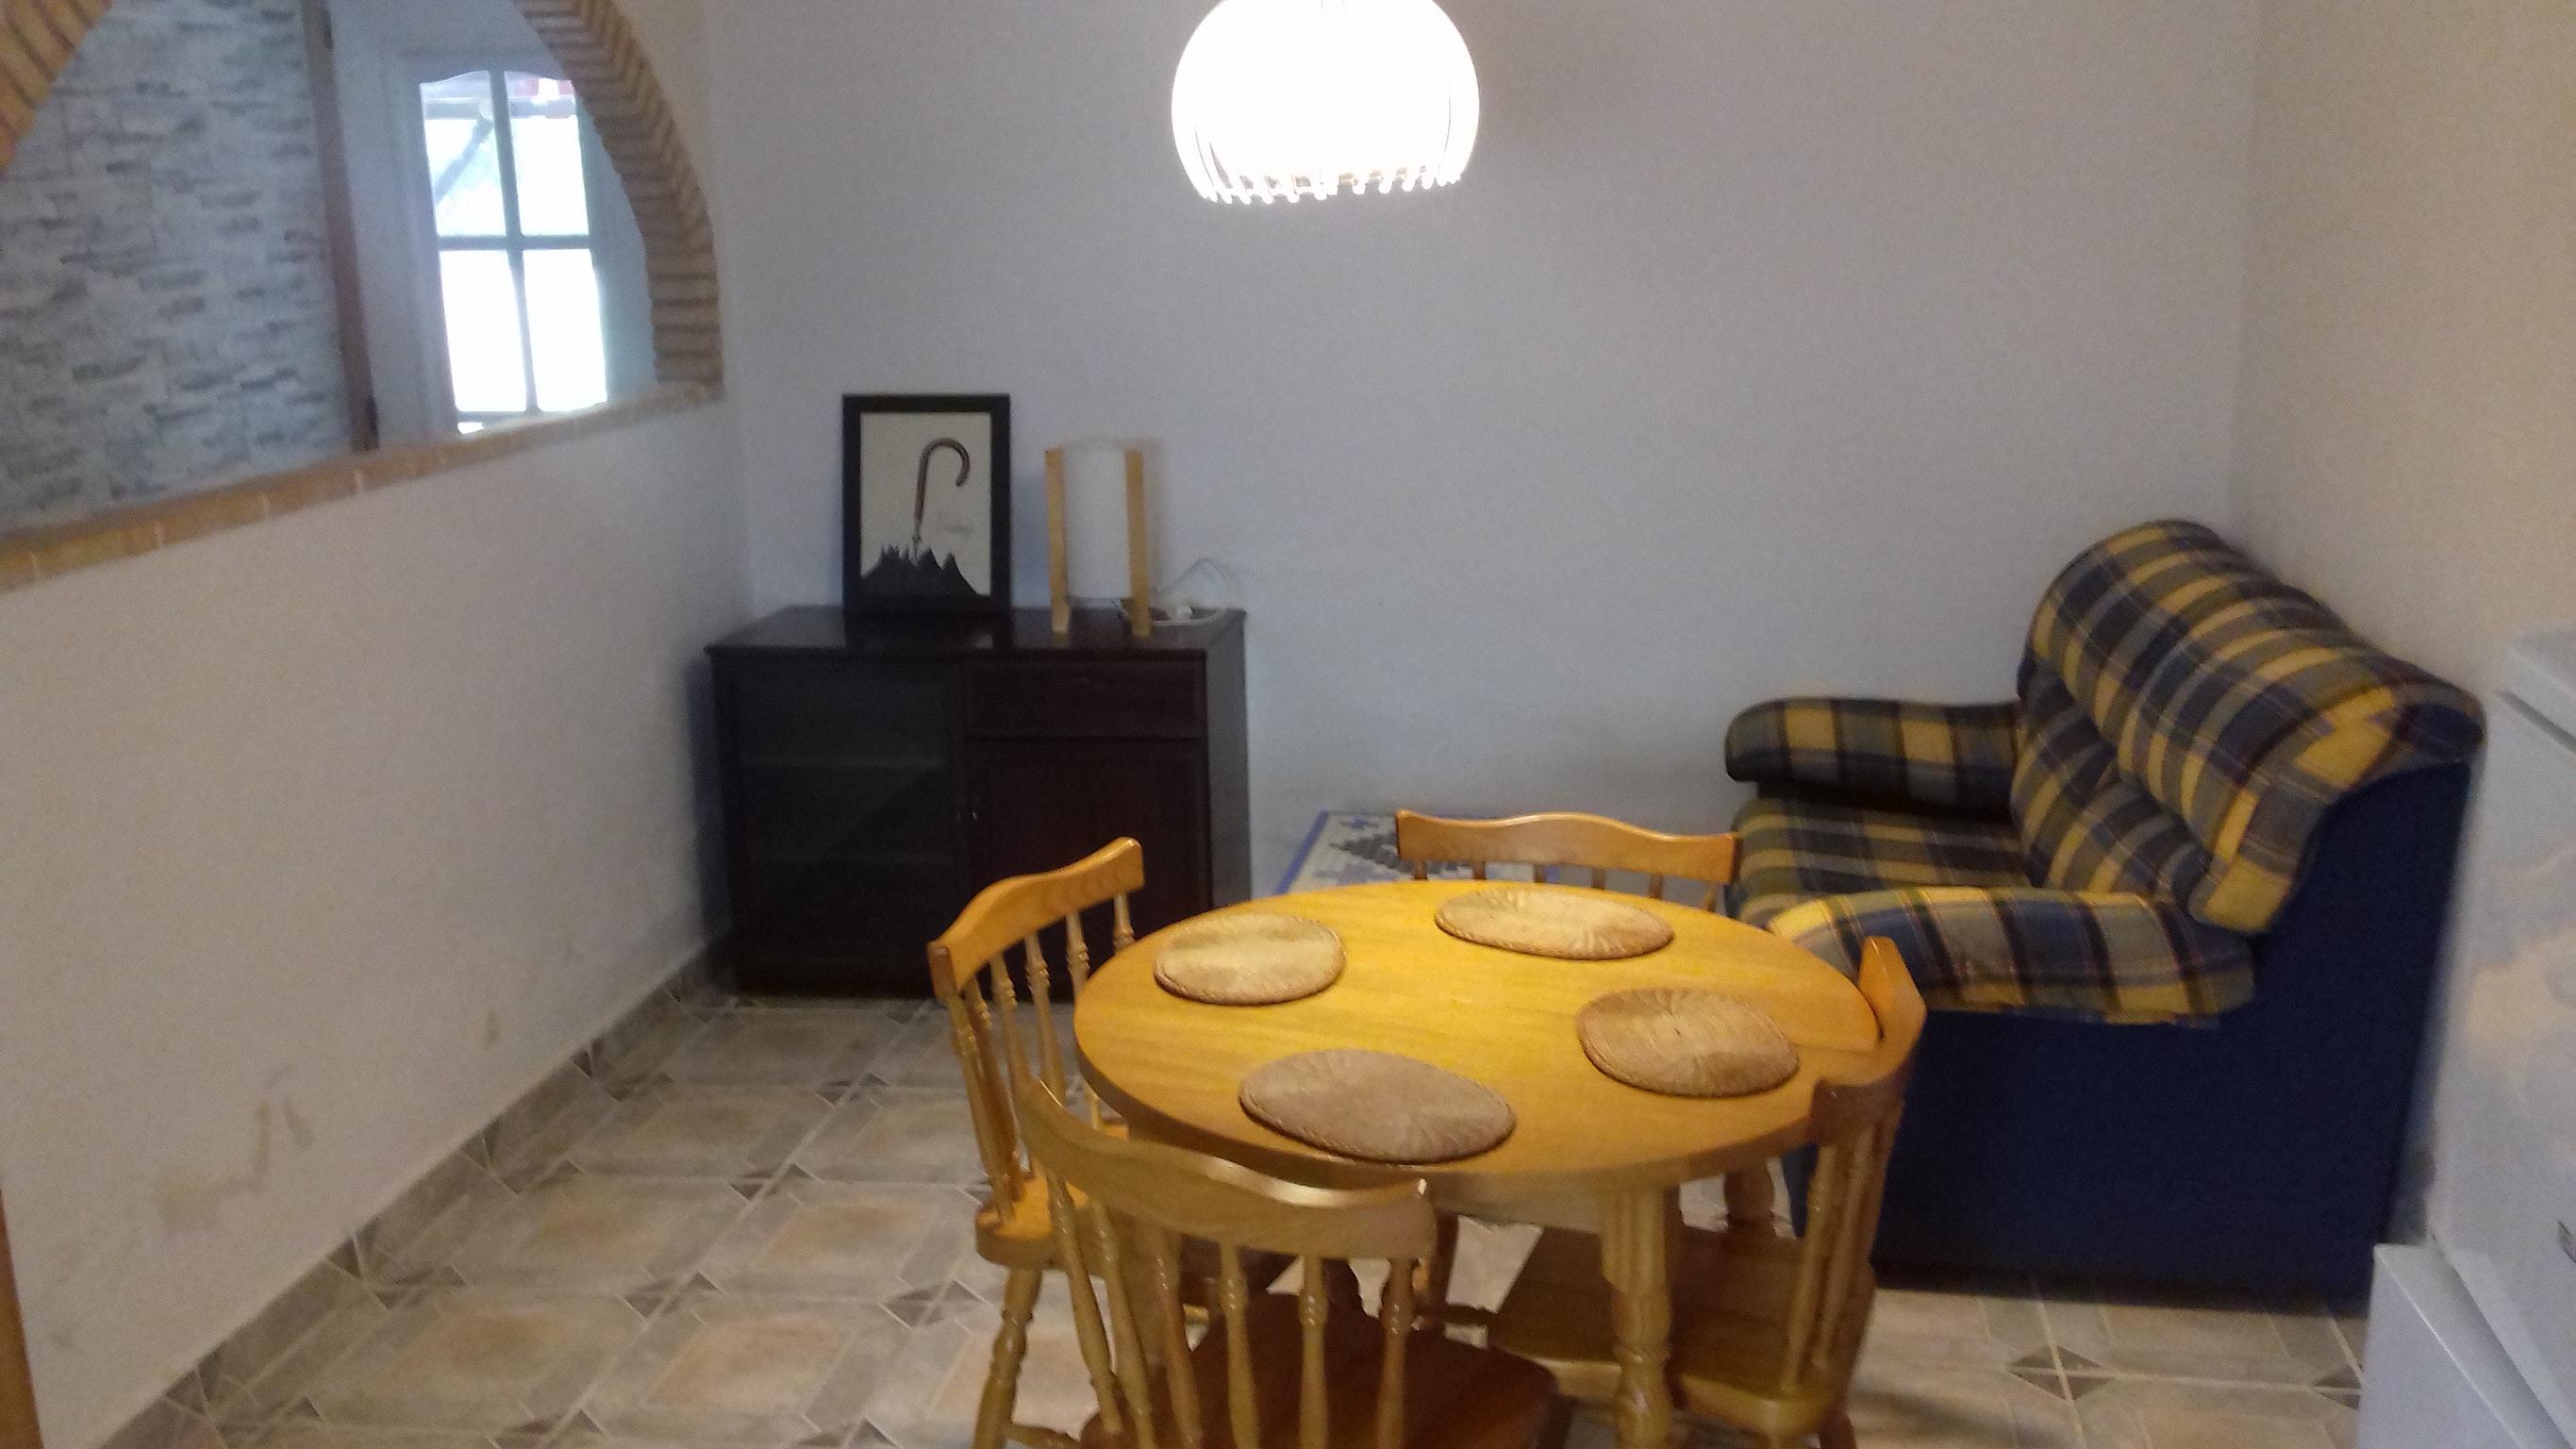 Maison de vacances Villa mit 2 Schlafzimmern in Mazarrón mit toller Aussicht auf die Berge, privatem Pool, ei (2632538), Mazarron, Costa Calida, Murcie, Espagne, image 40